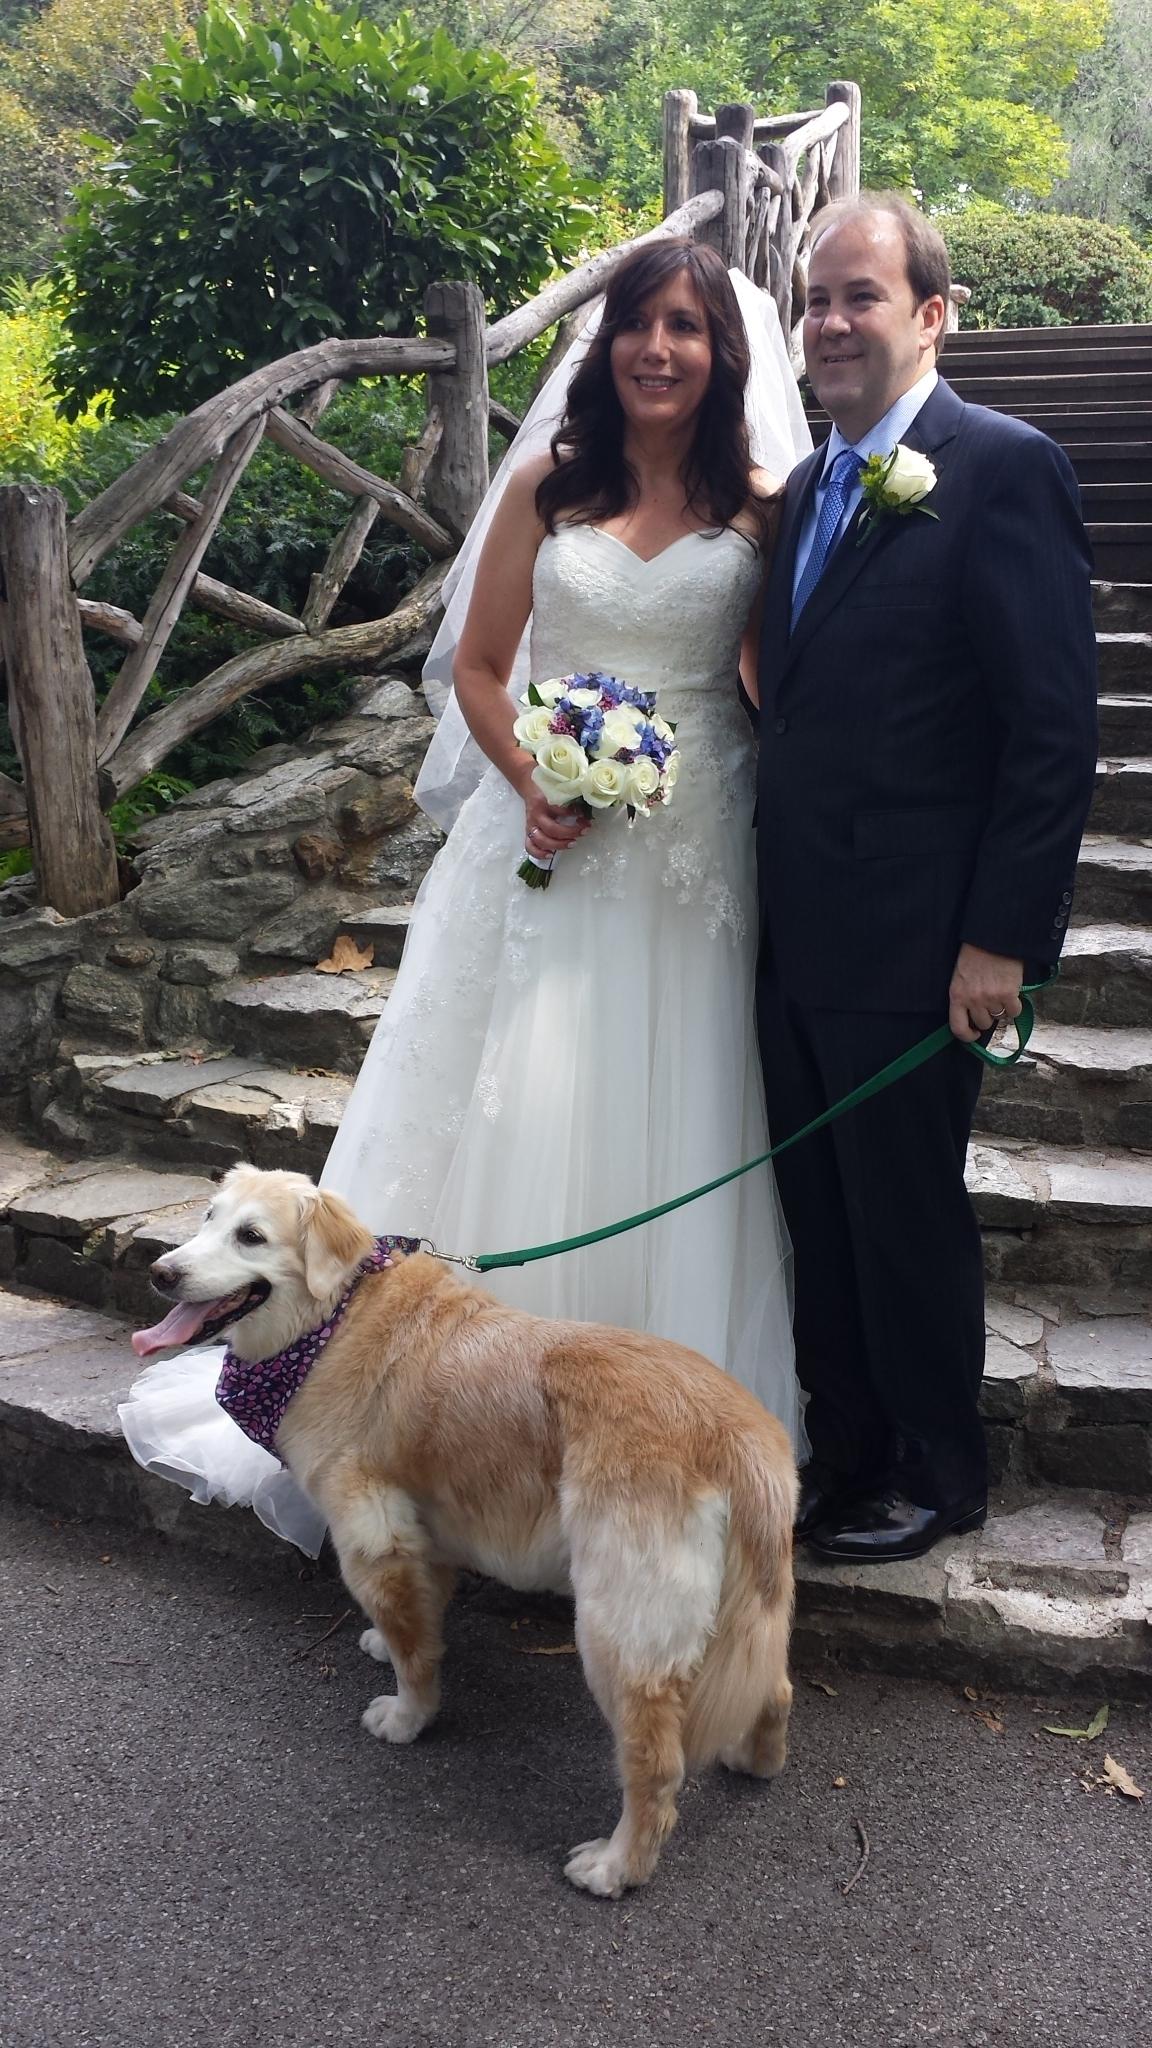 Montefusco-Meyers Wedding 8.29.15.jpg